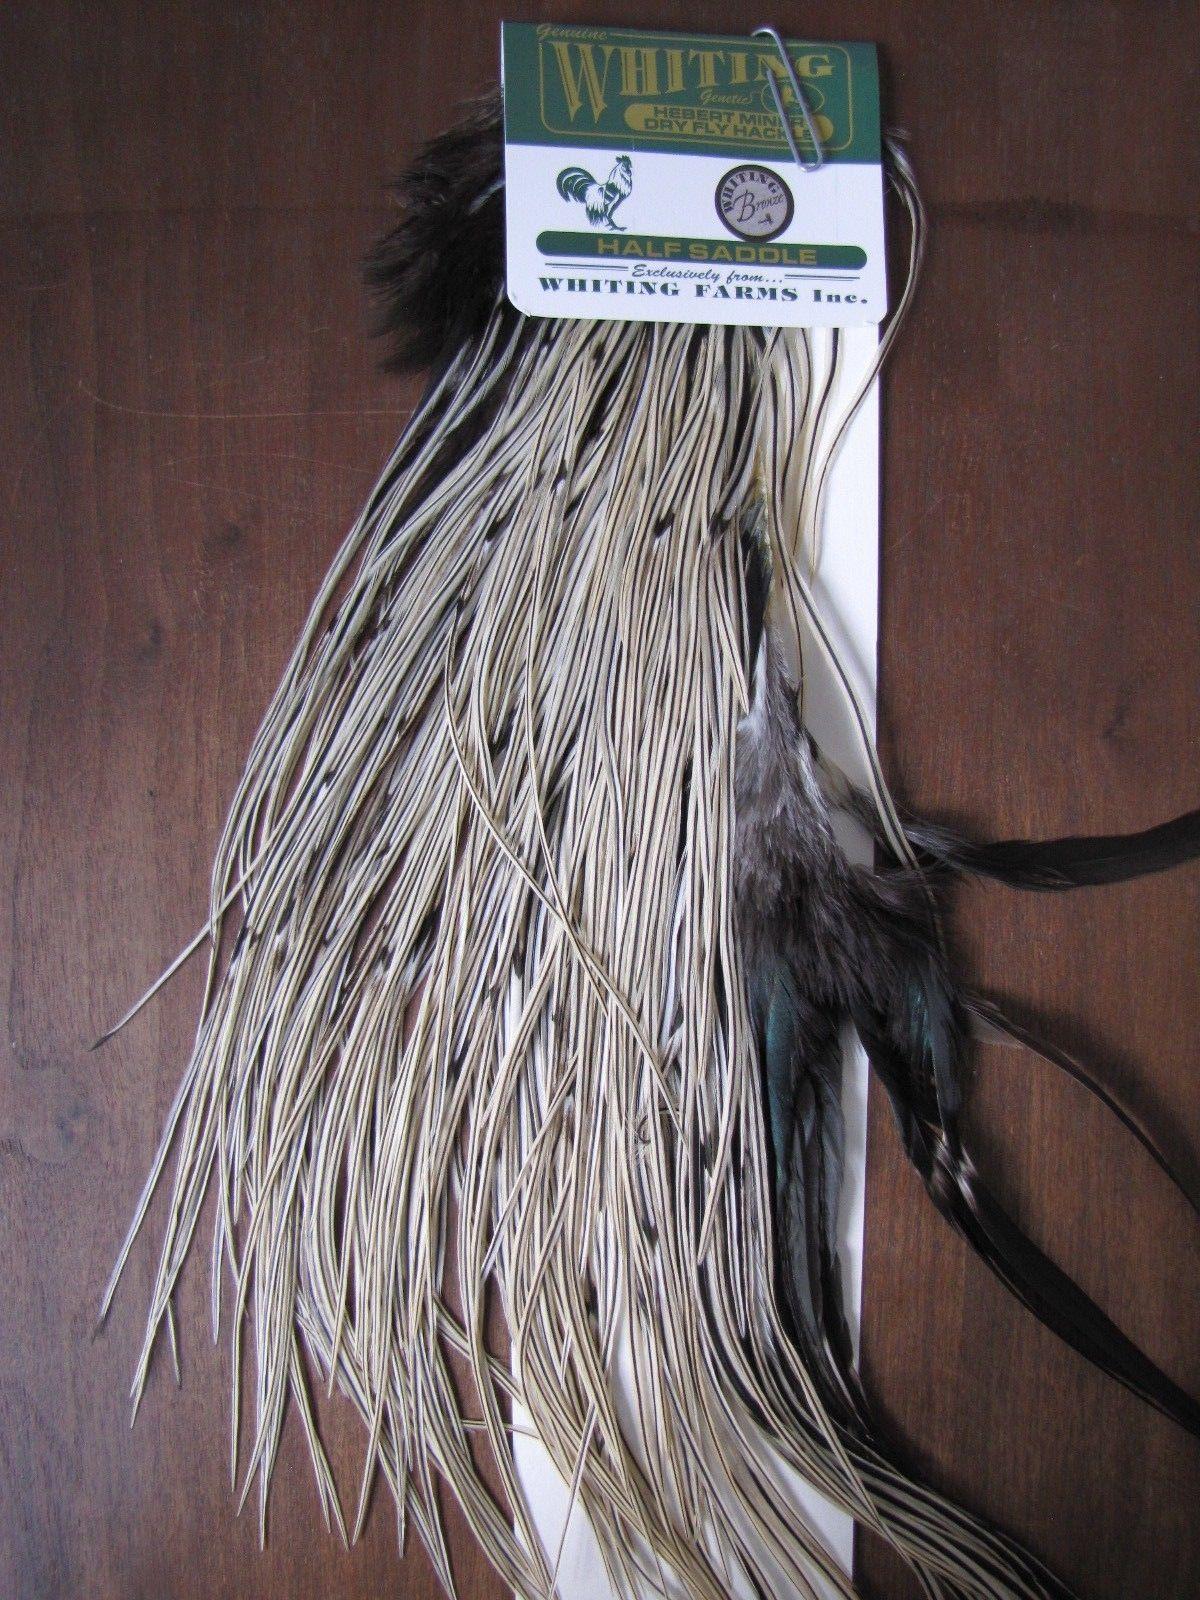 Angelsport-Köder, -Futtermittel & -Fliegen Fly Tying Whiting Bronze Rooster Saddle Grizzly #B Angelsport-Fliegen-Bindematerialien